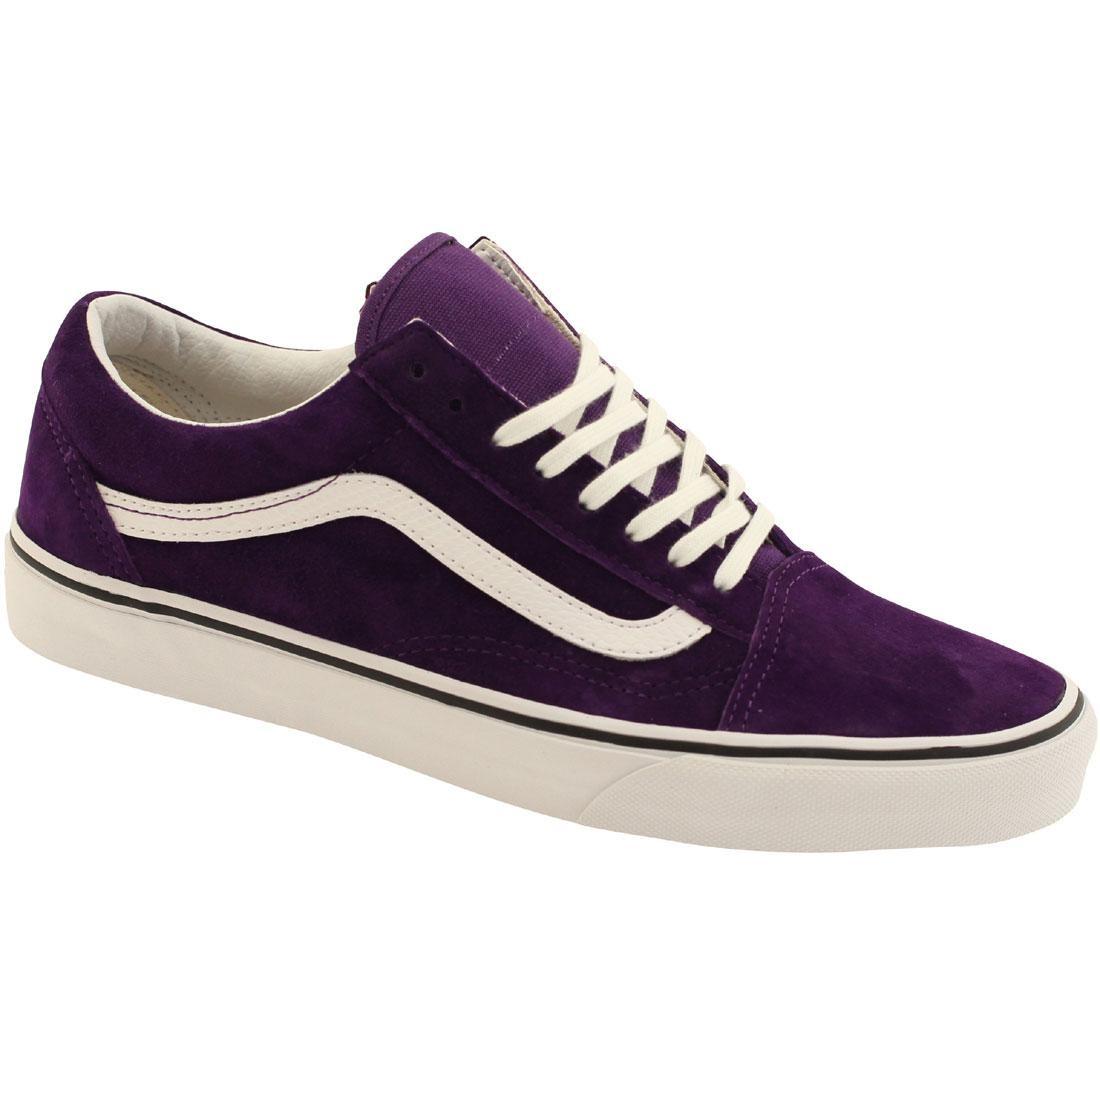 vans old school mens purple sale   OFF36% Discounts 35225b86d